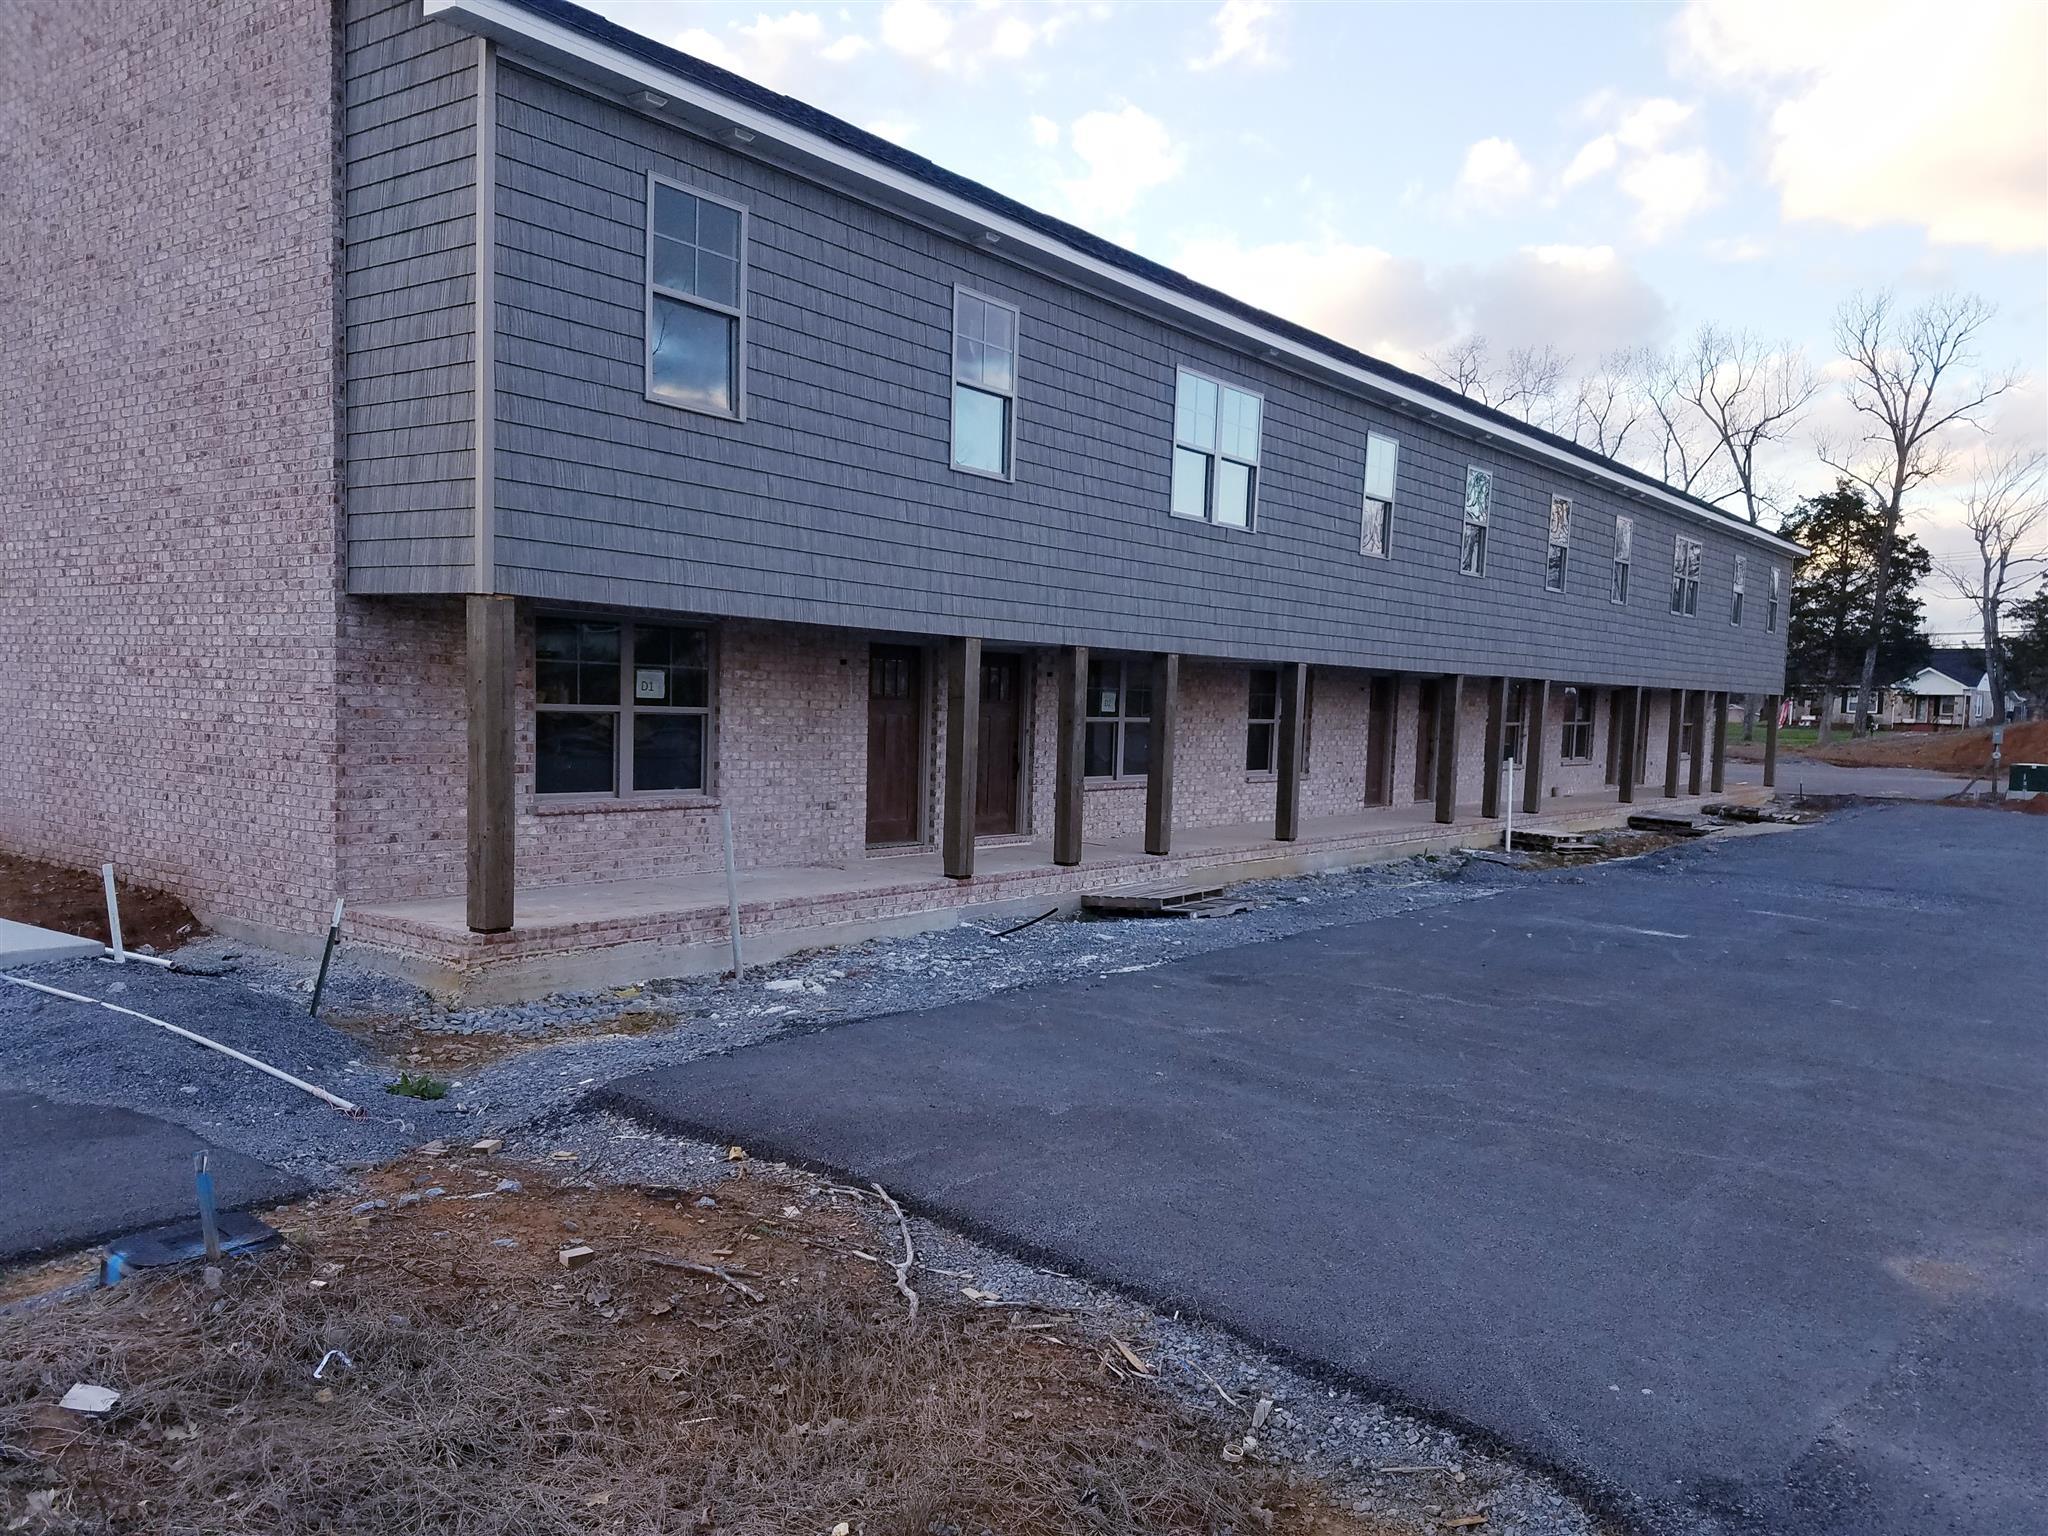 2506 E Main B2, Murfreesboro, TN 37127 - Murfreesboro, TN real estate listing